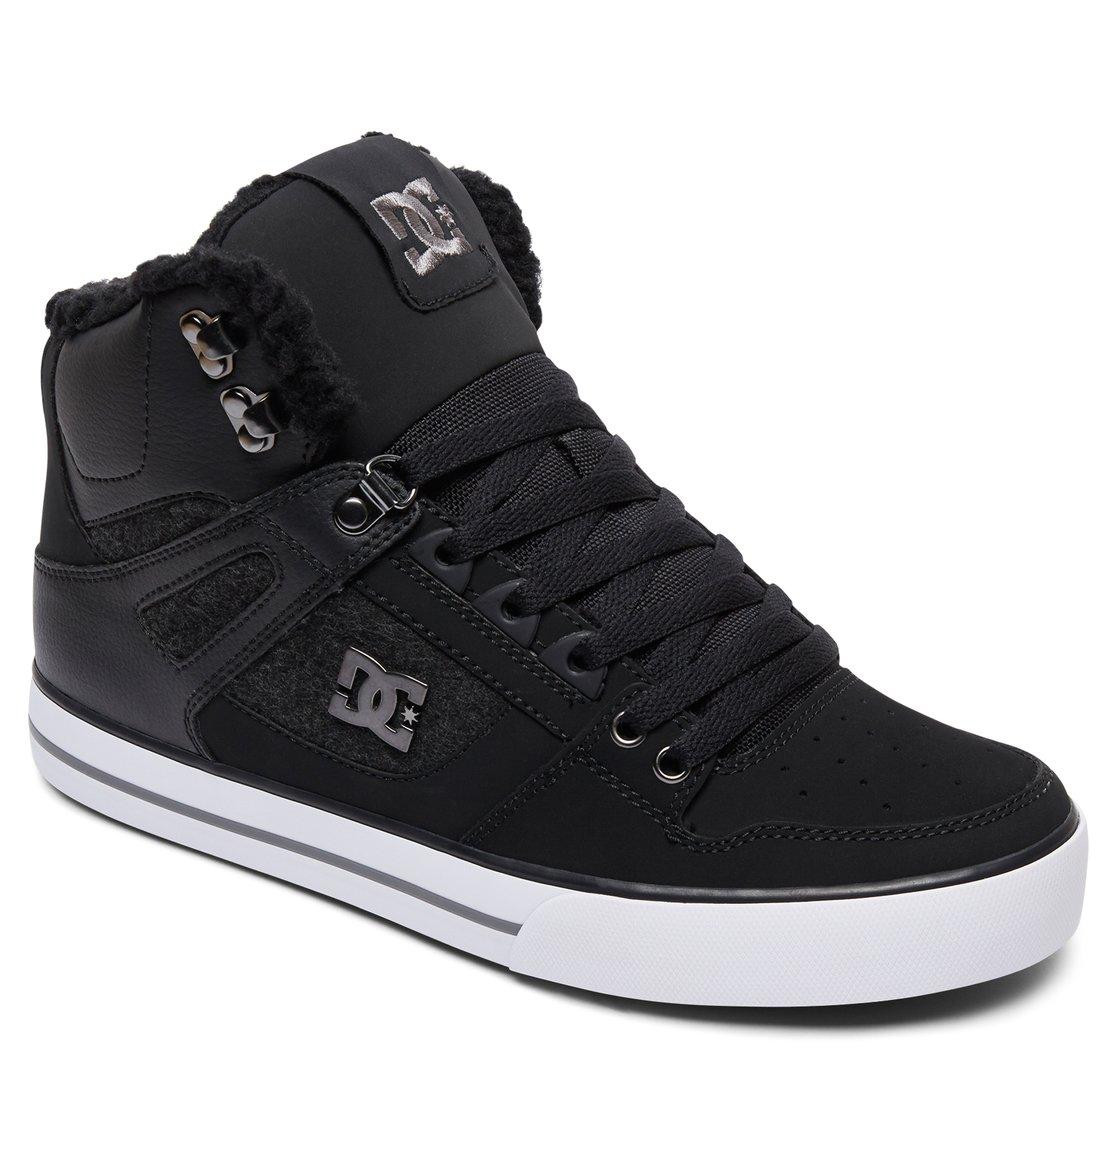 dc shoes Pure SE - Scarpe alte da Uomo - Black - DC Shoes